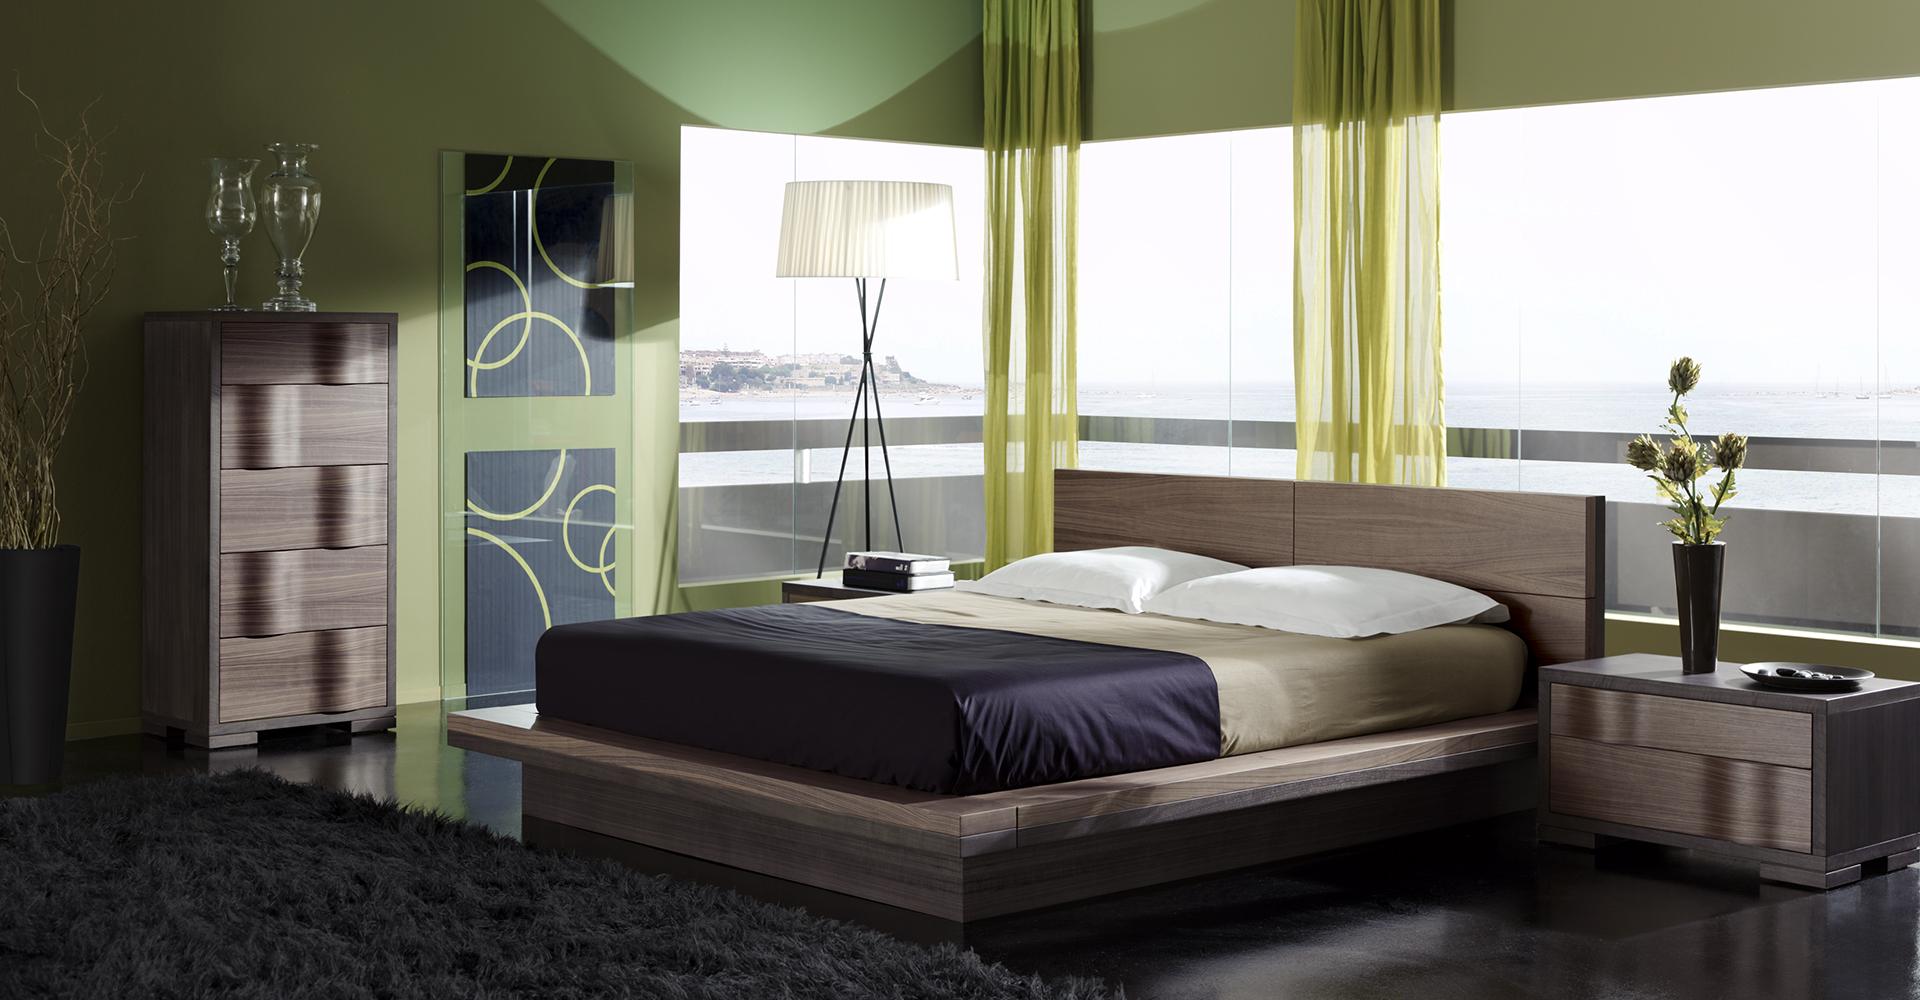 Dormitorio de Matrimonio Moderno (10)